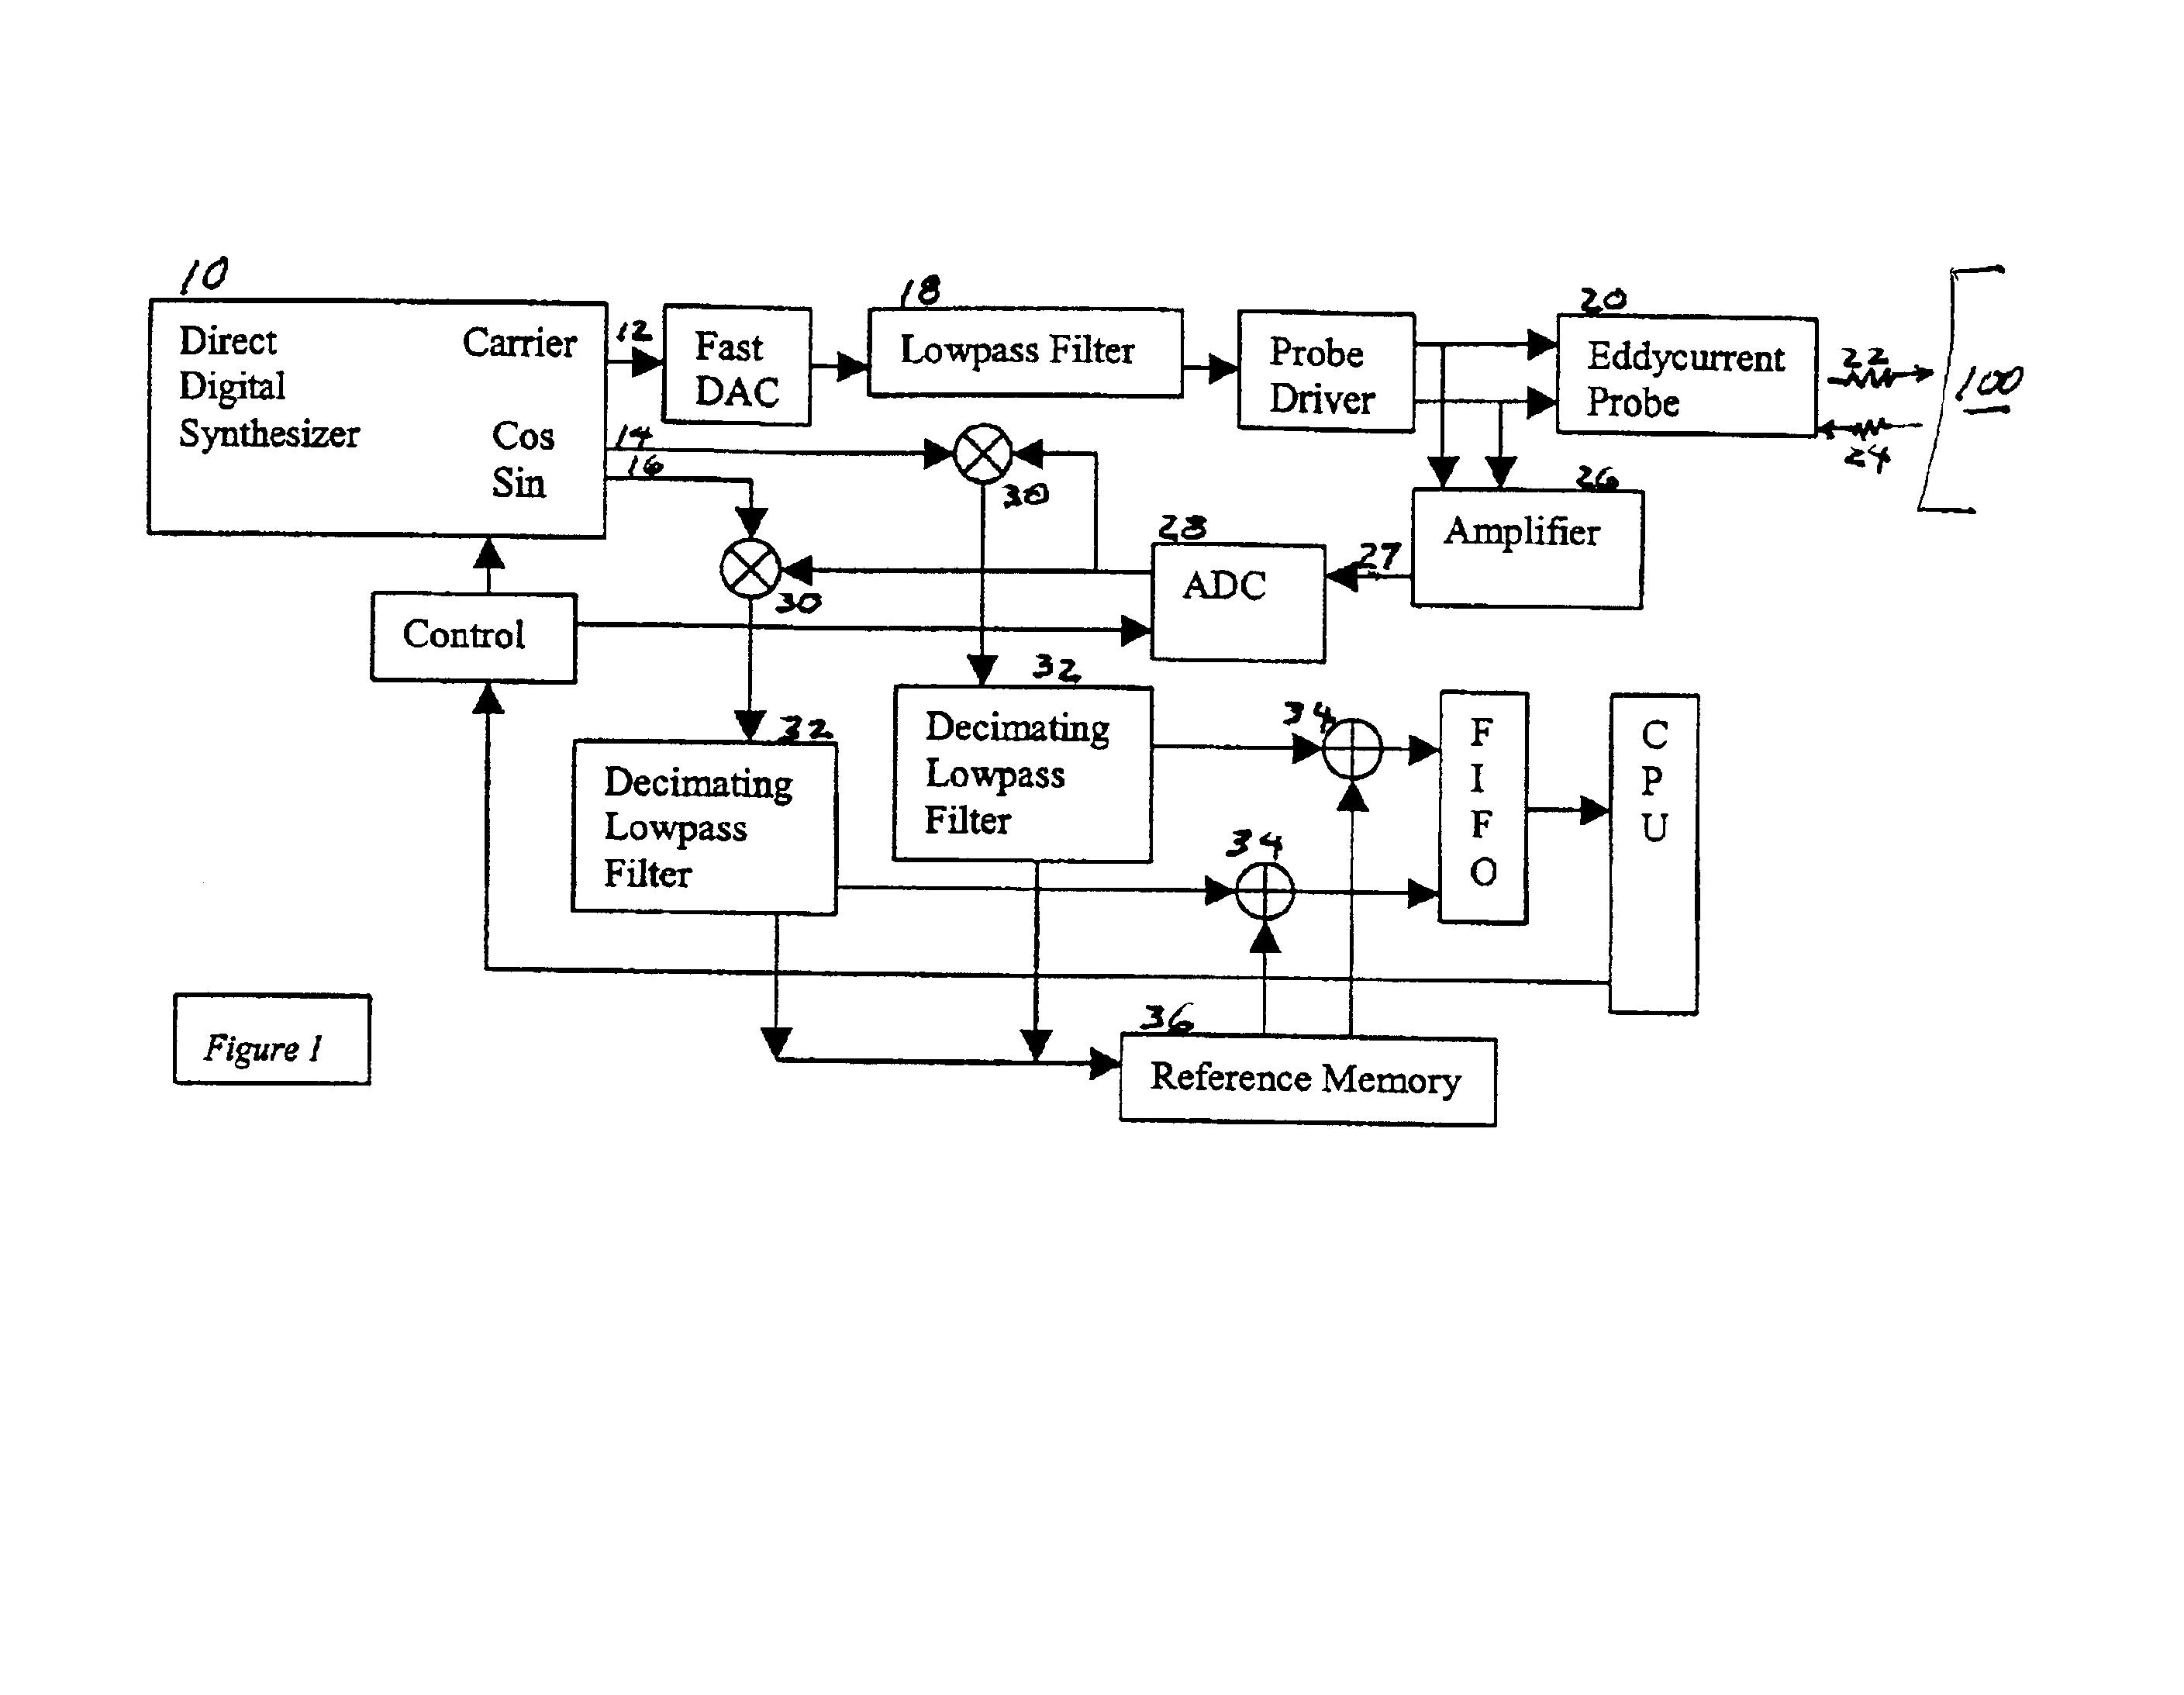 Eddy Current Analog : Patente us digital demodulation of an eddy